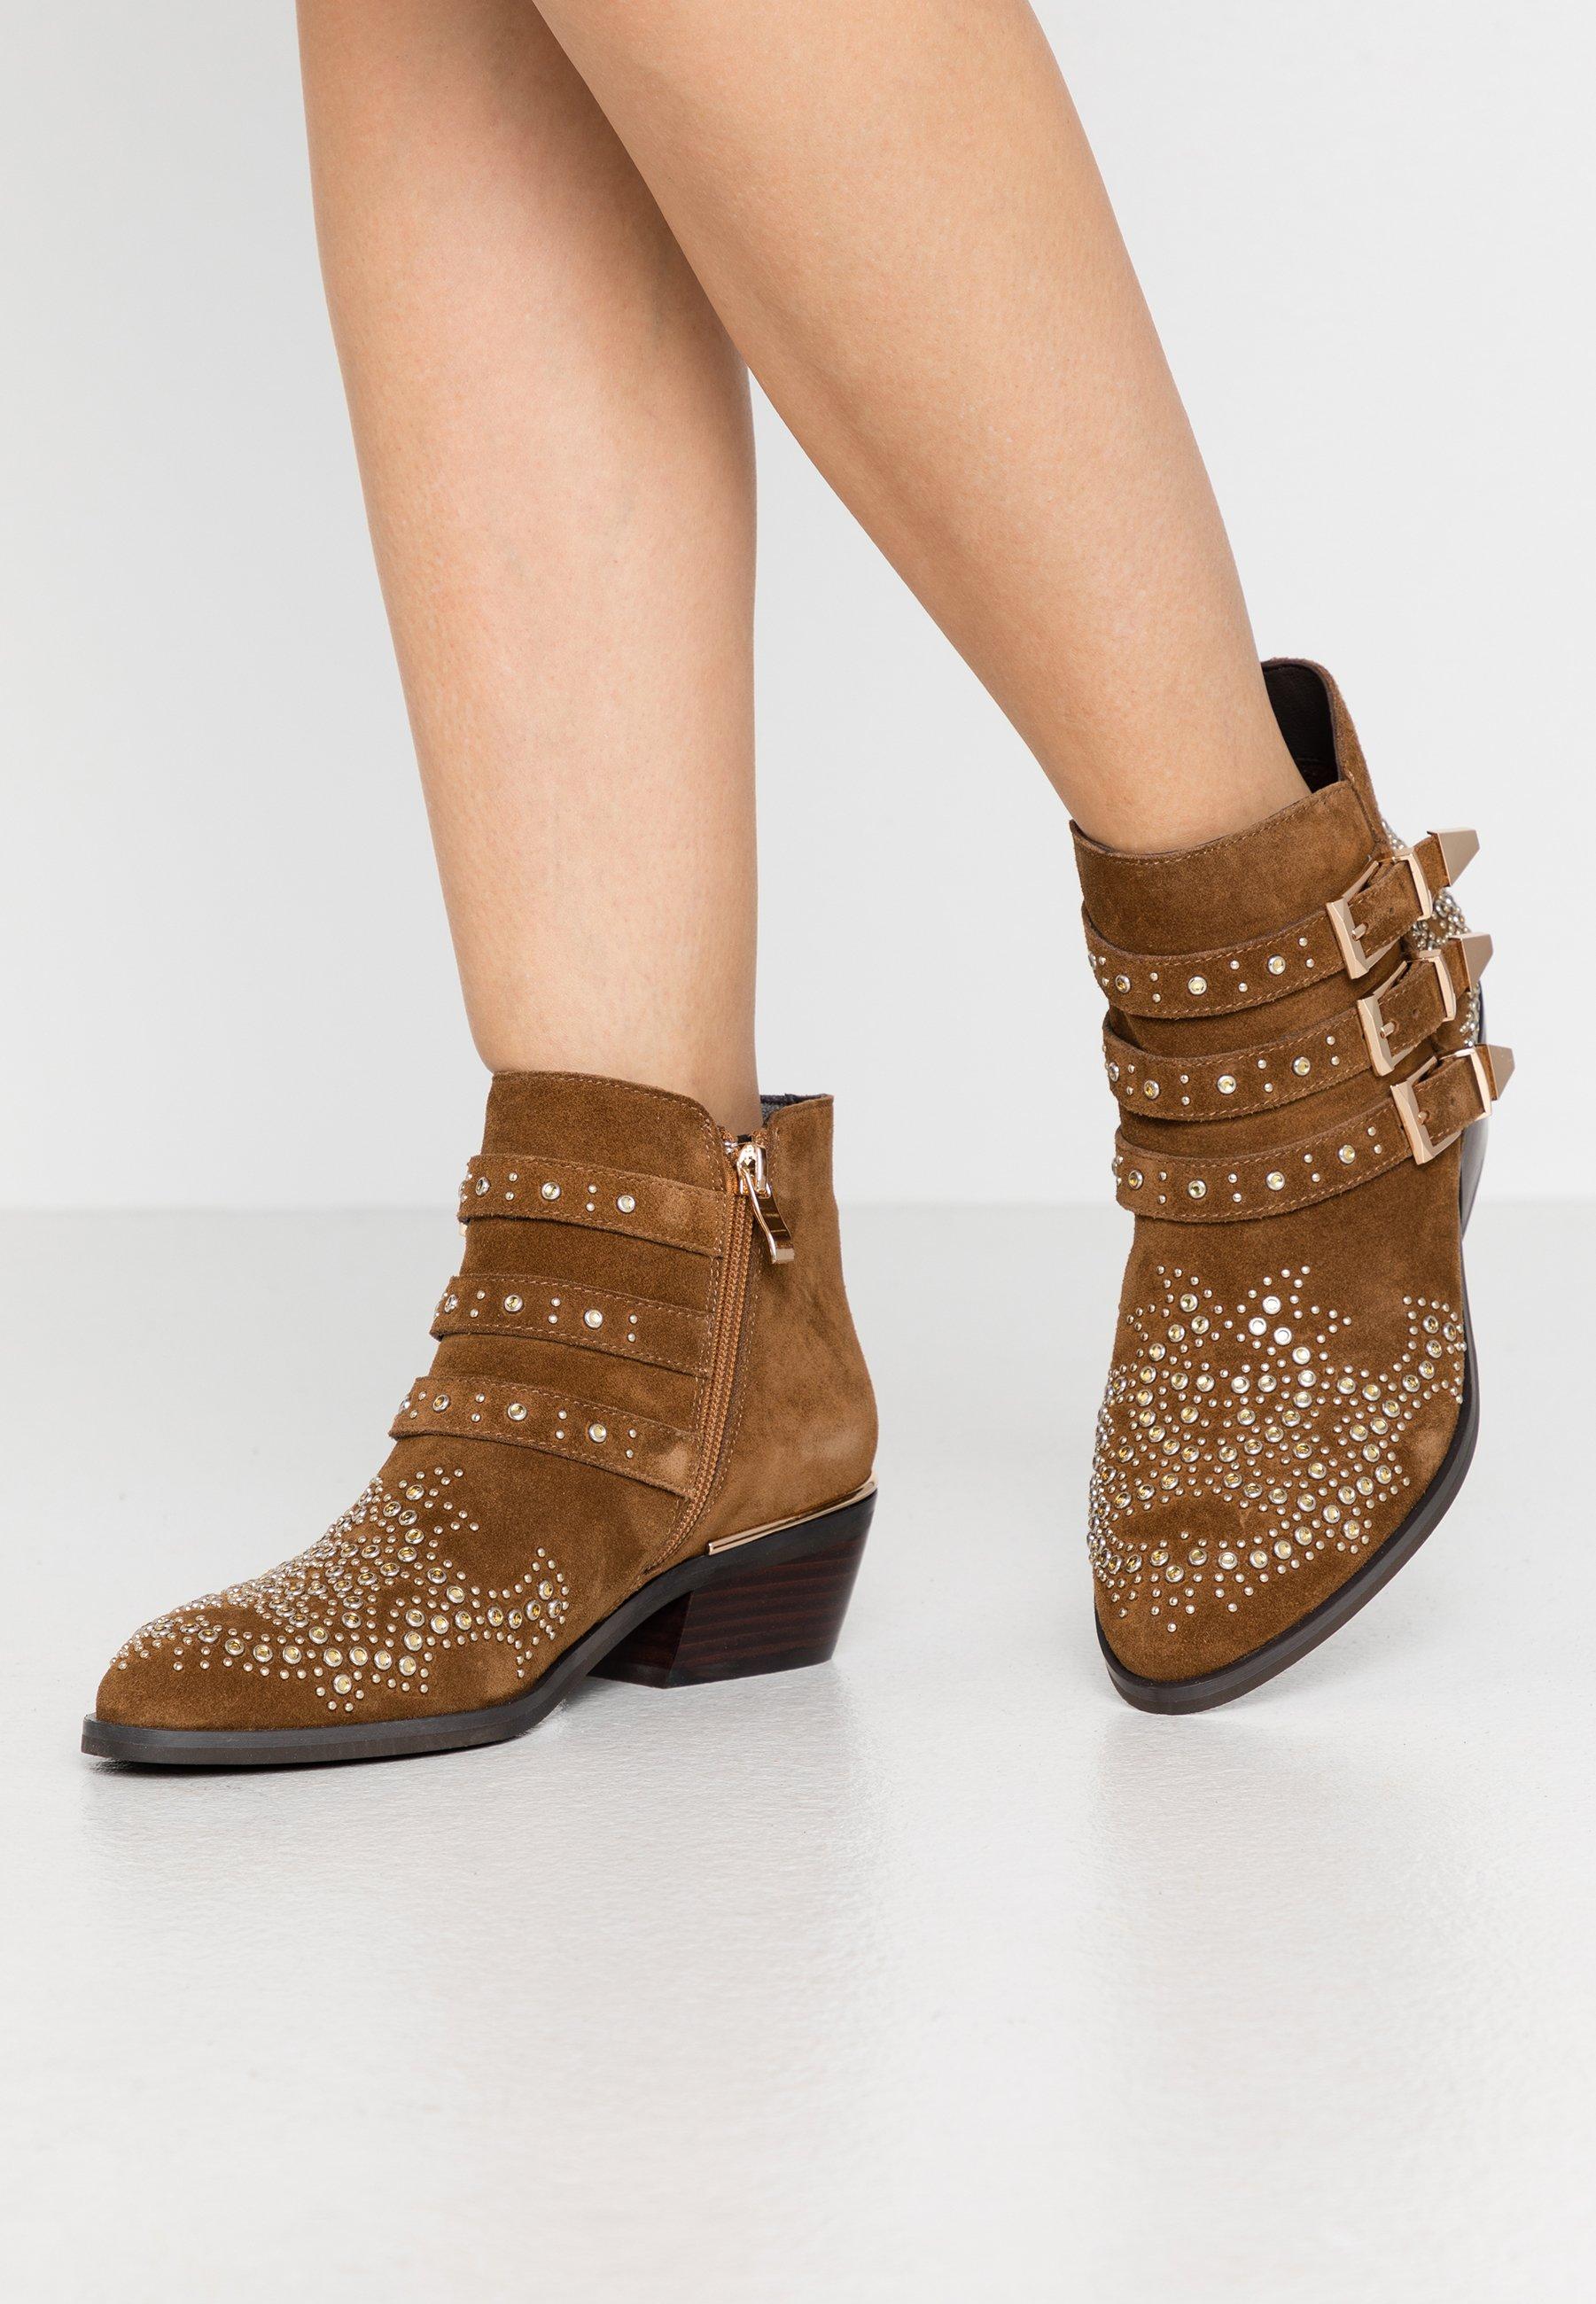 precio Me sorprendió Rebobinar  Alma en Pena Ankle boots - camel - Zalando.de